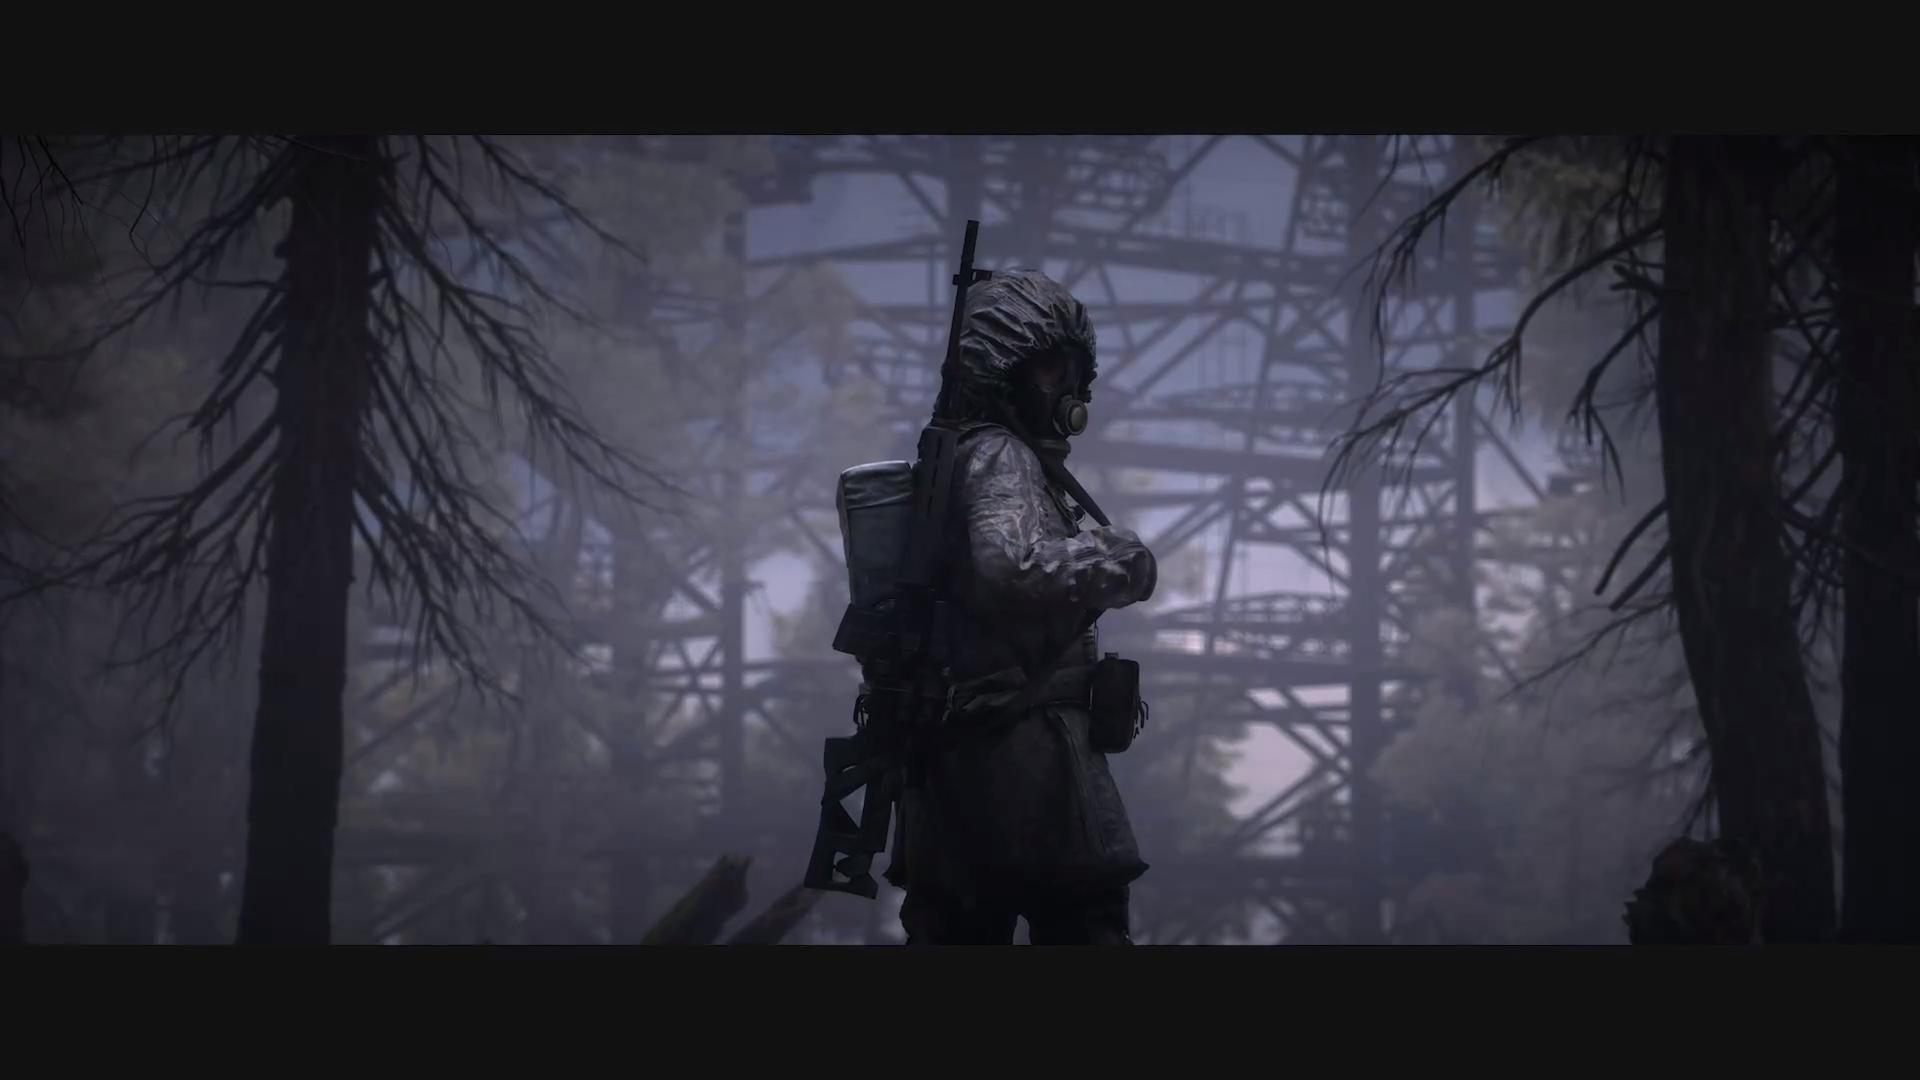 ☢️ S.T.A.L.K.E.R. 2 стане тимчасовим ексклюзивом для Xbox Series X. Дивіться нове відео